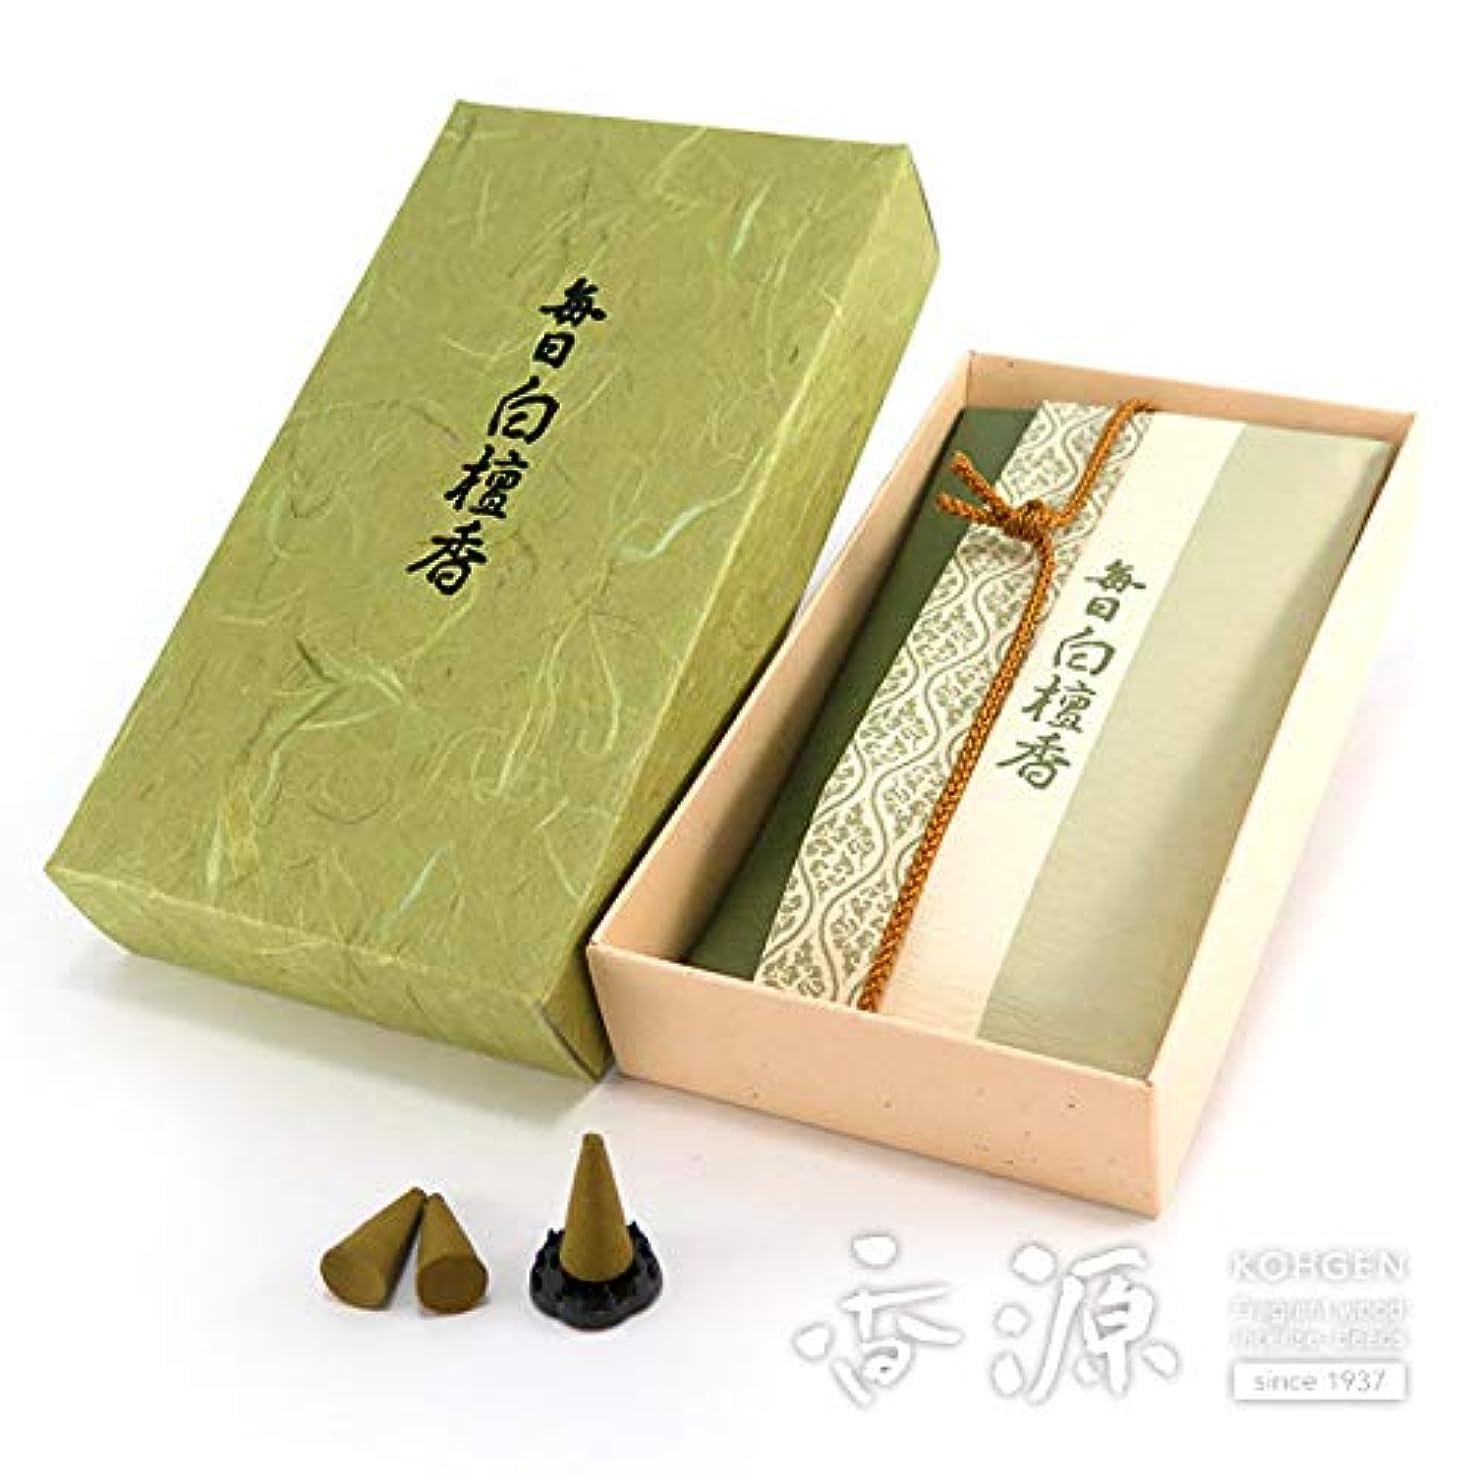 膨張する信条不誠実日本香堂のお香 白檀の定番 毎日白檀香 コーン型24個入